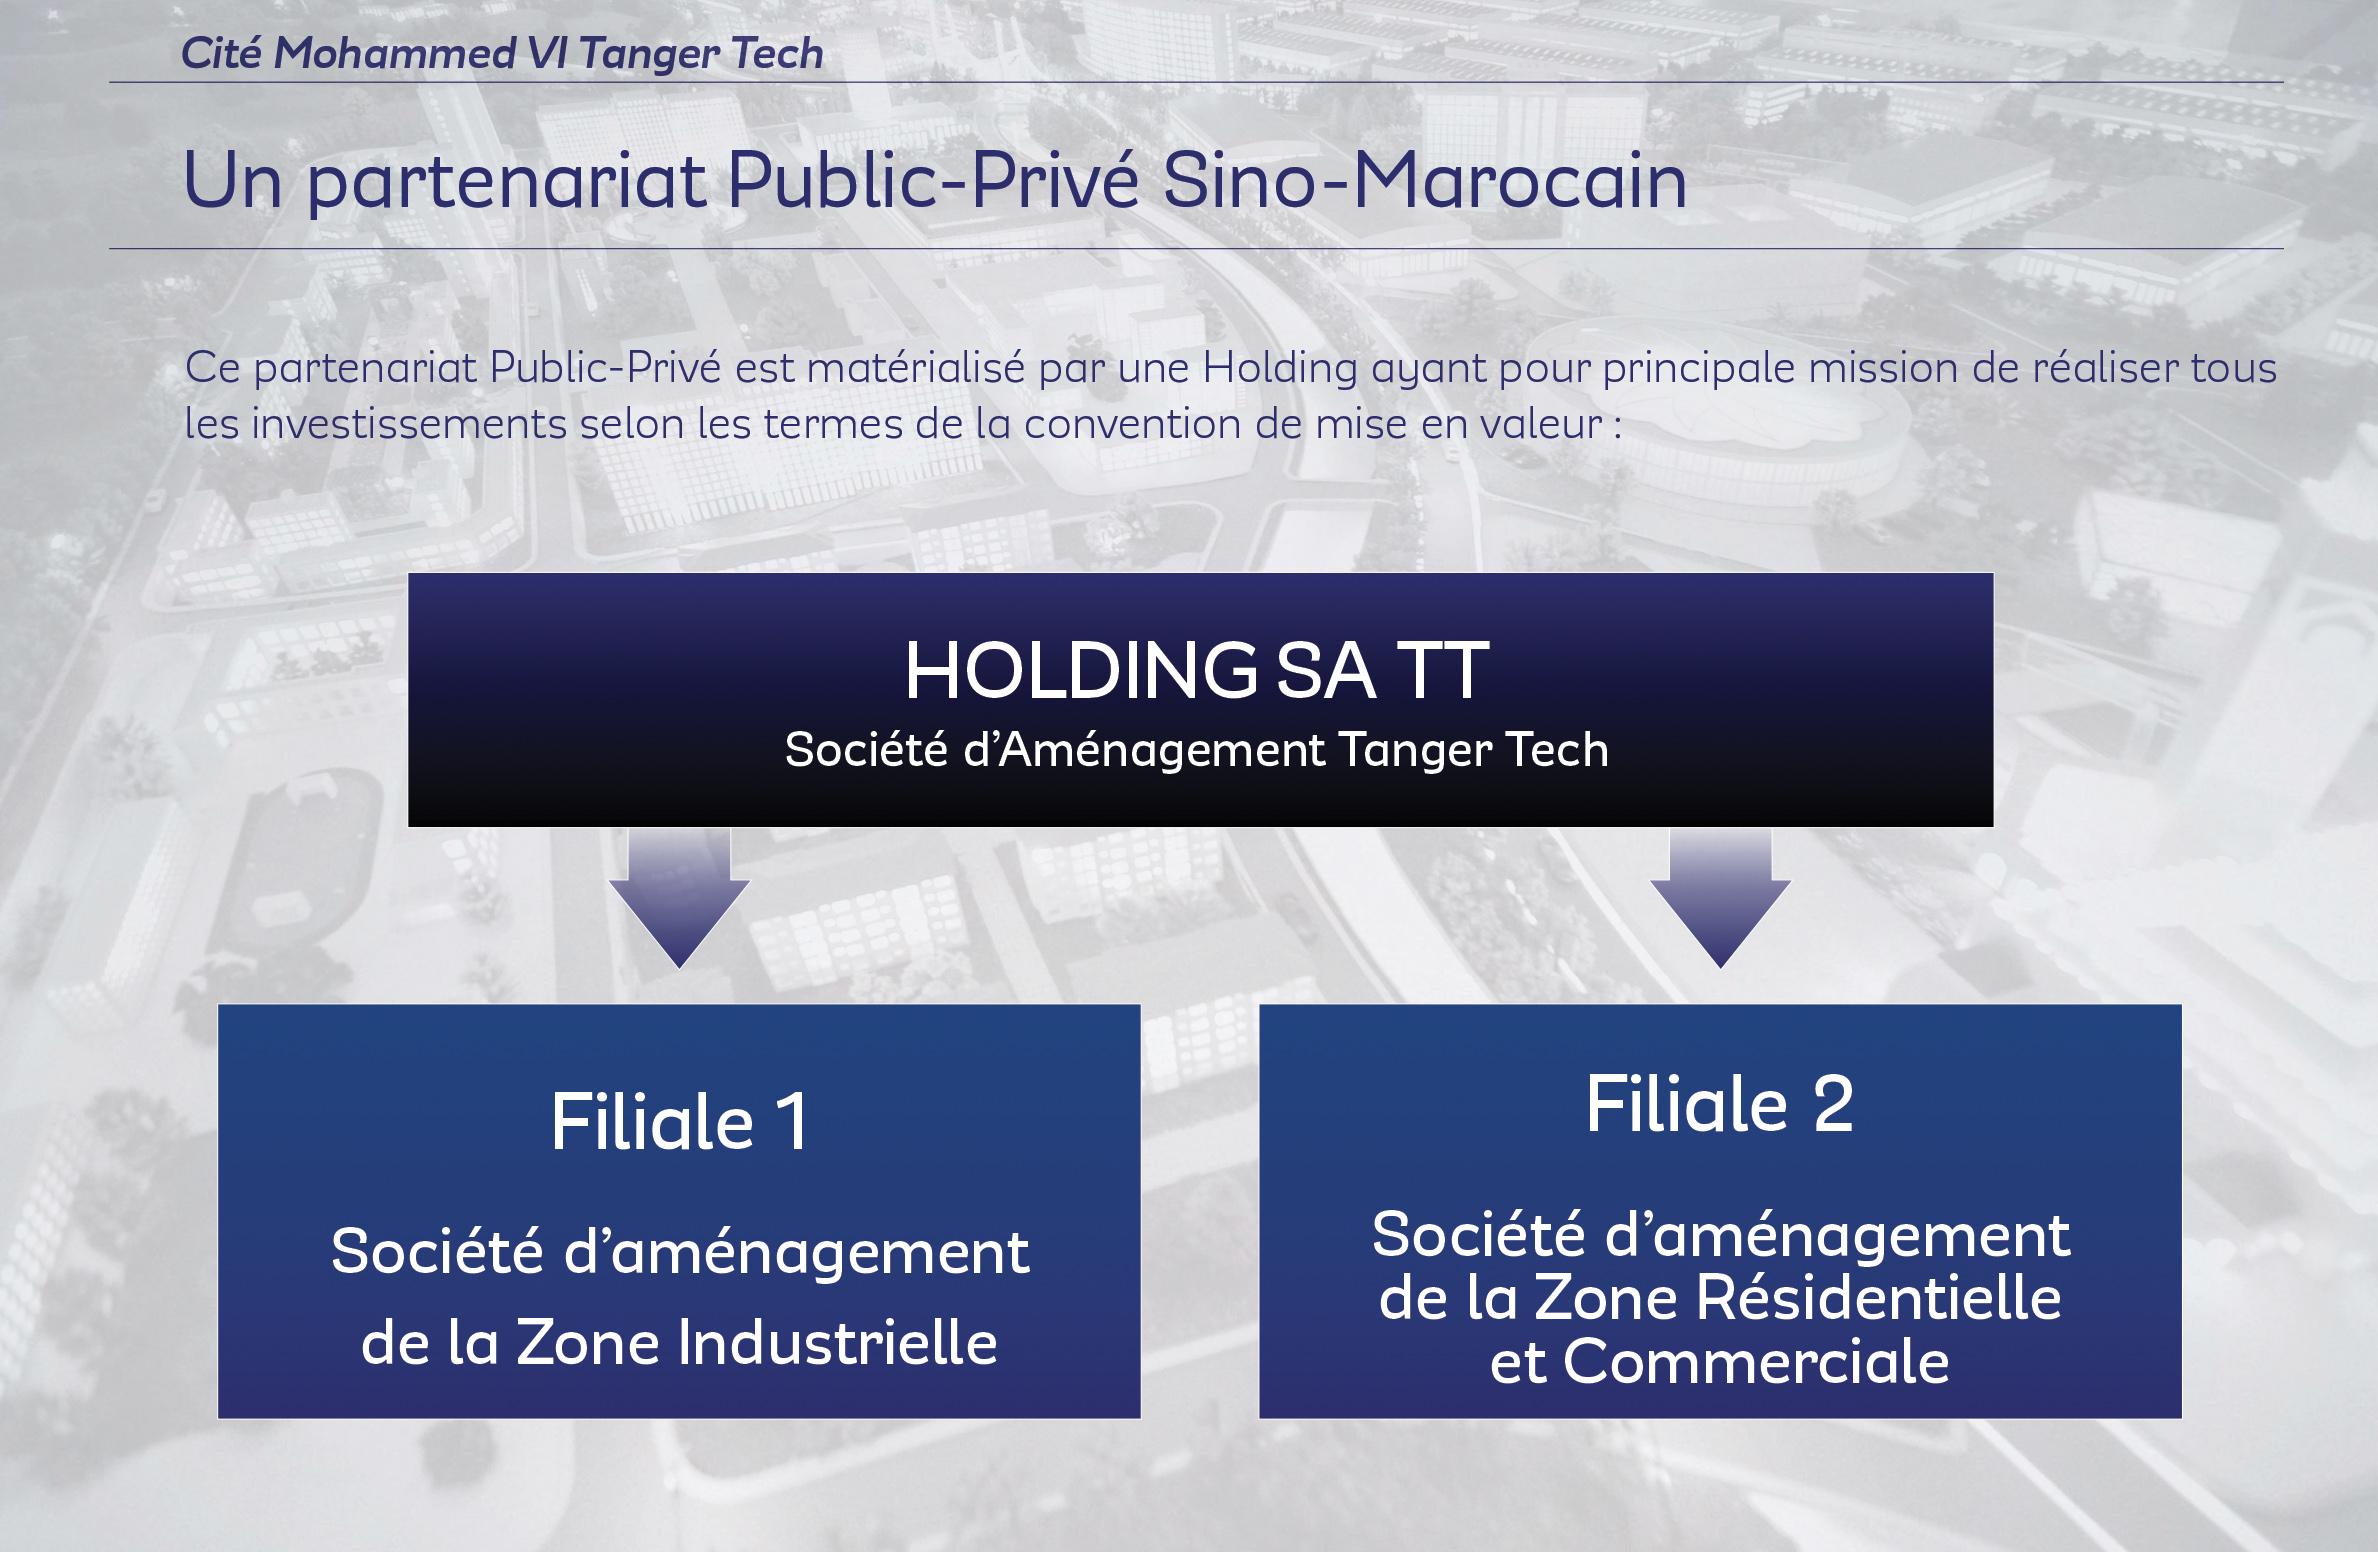 Cité Tanger Mohammed VI Tech